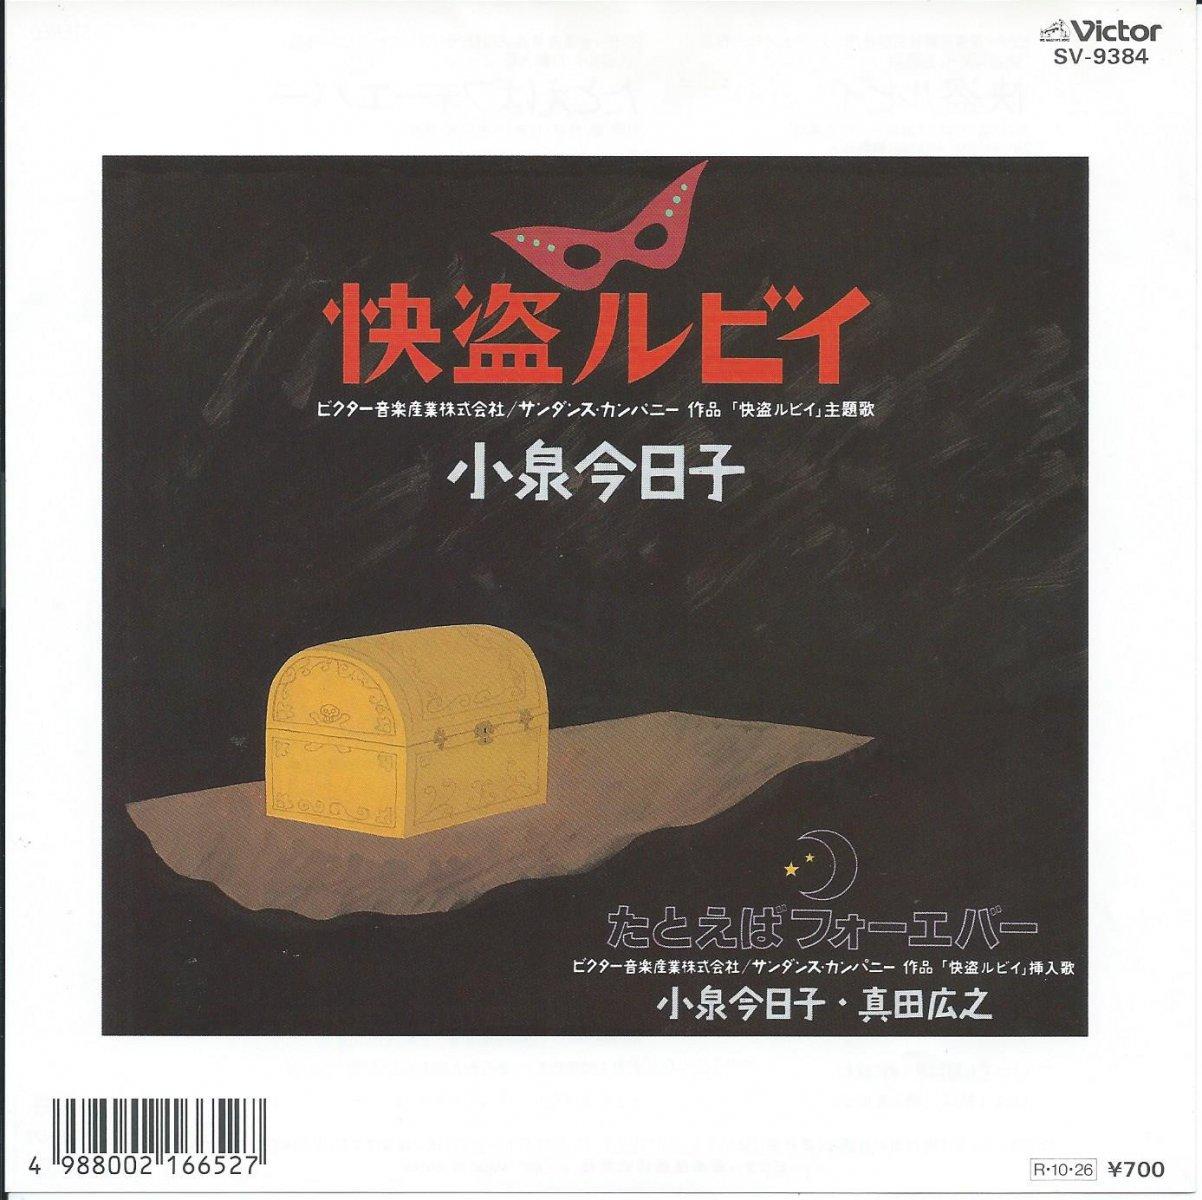 小泉今日子 KYOKO KOIZUMI / 怪盗ルビイ (大瀧詠一 / EIICHI OHTAKI) / たとえばフォーエバー (7